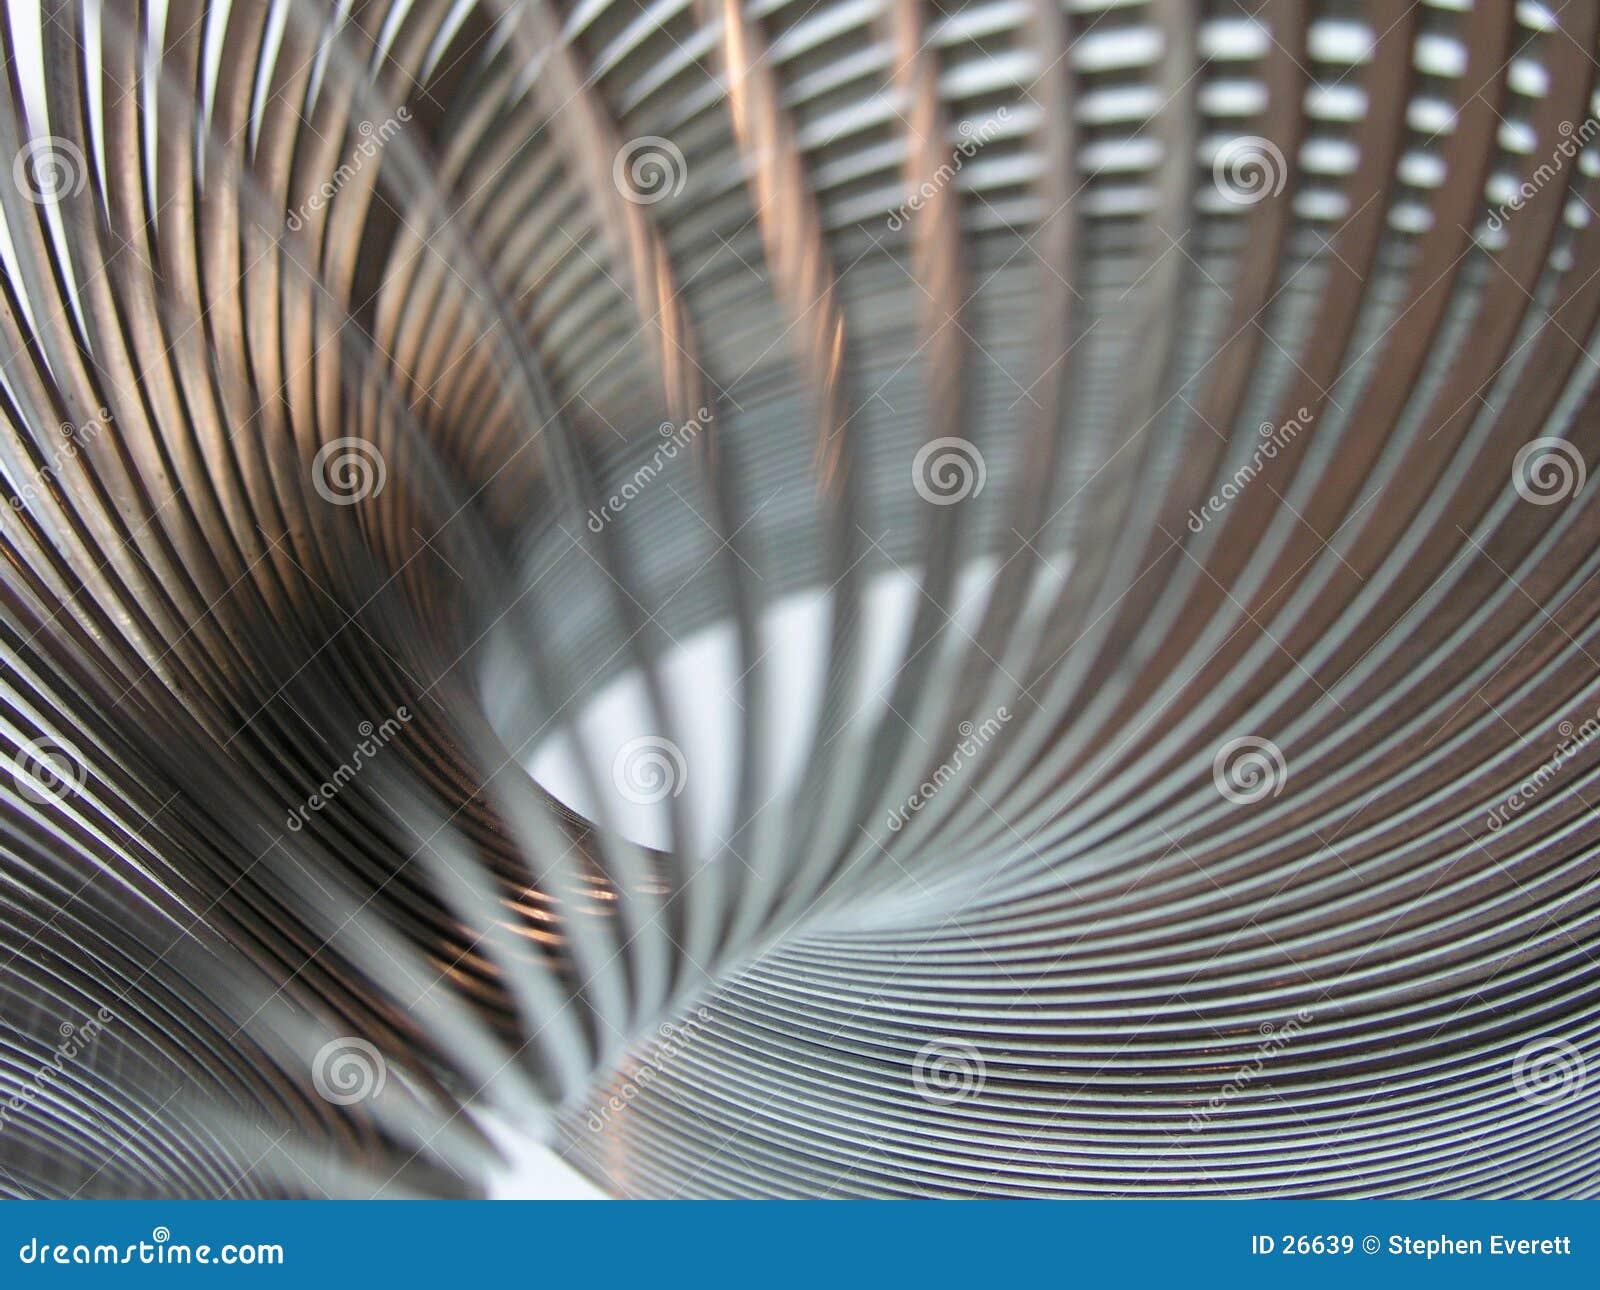 Download Fondo espiral imagen de archivo. Imagen de negocios, fuerza - 26639